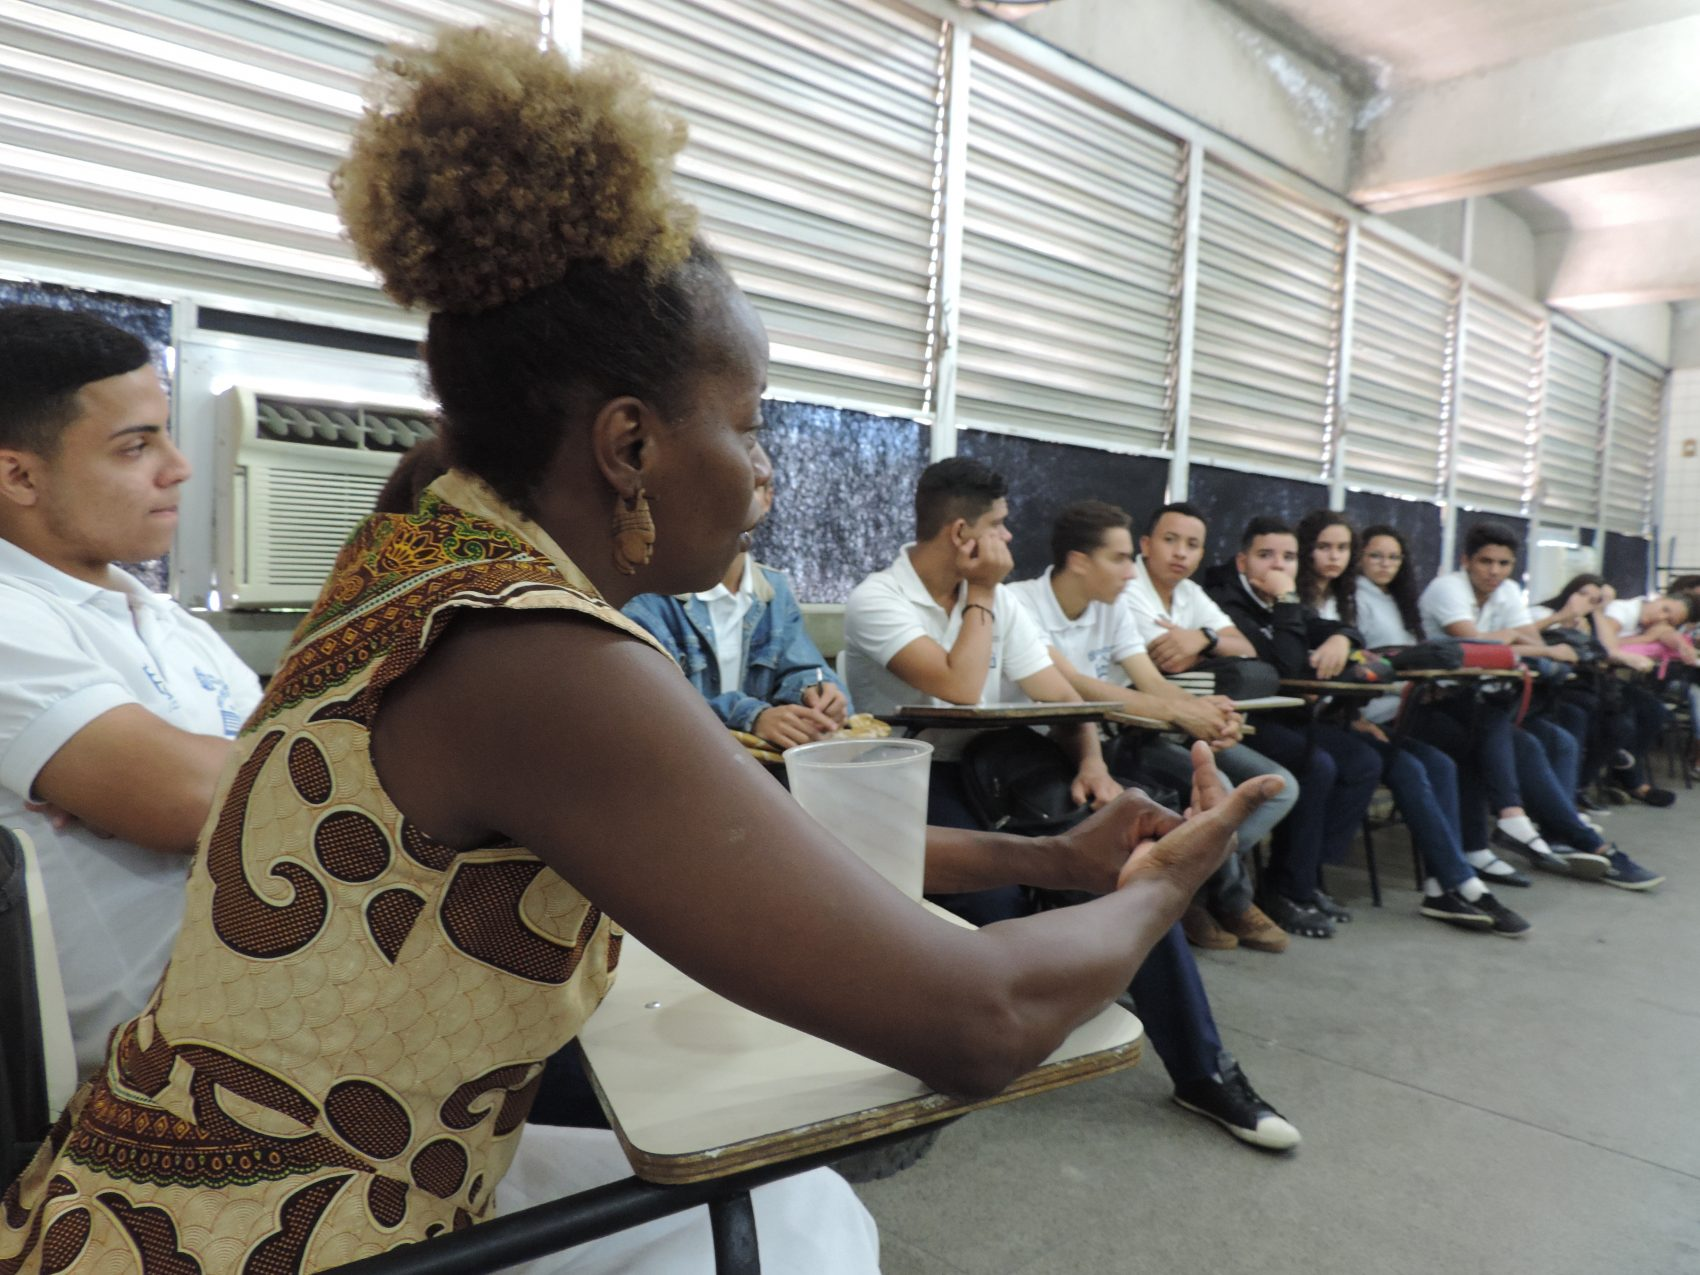 Aula da Valéria Monã, animadora cultural do CIEP 175 desde sua fundação. Ela é mestre em dança afro, atriz e coreógrafa |Foto: Samuel Souza - Acervo CIEP 175